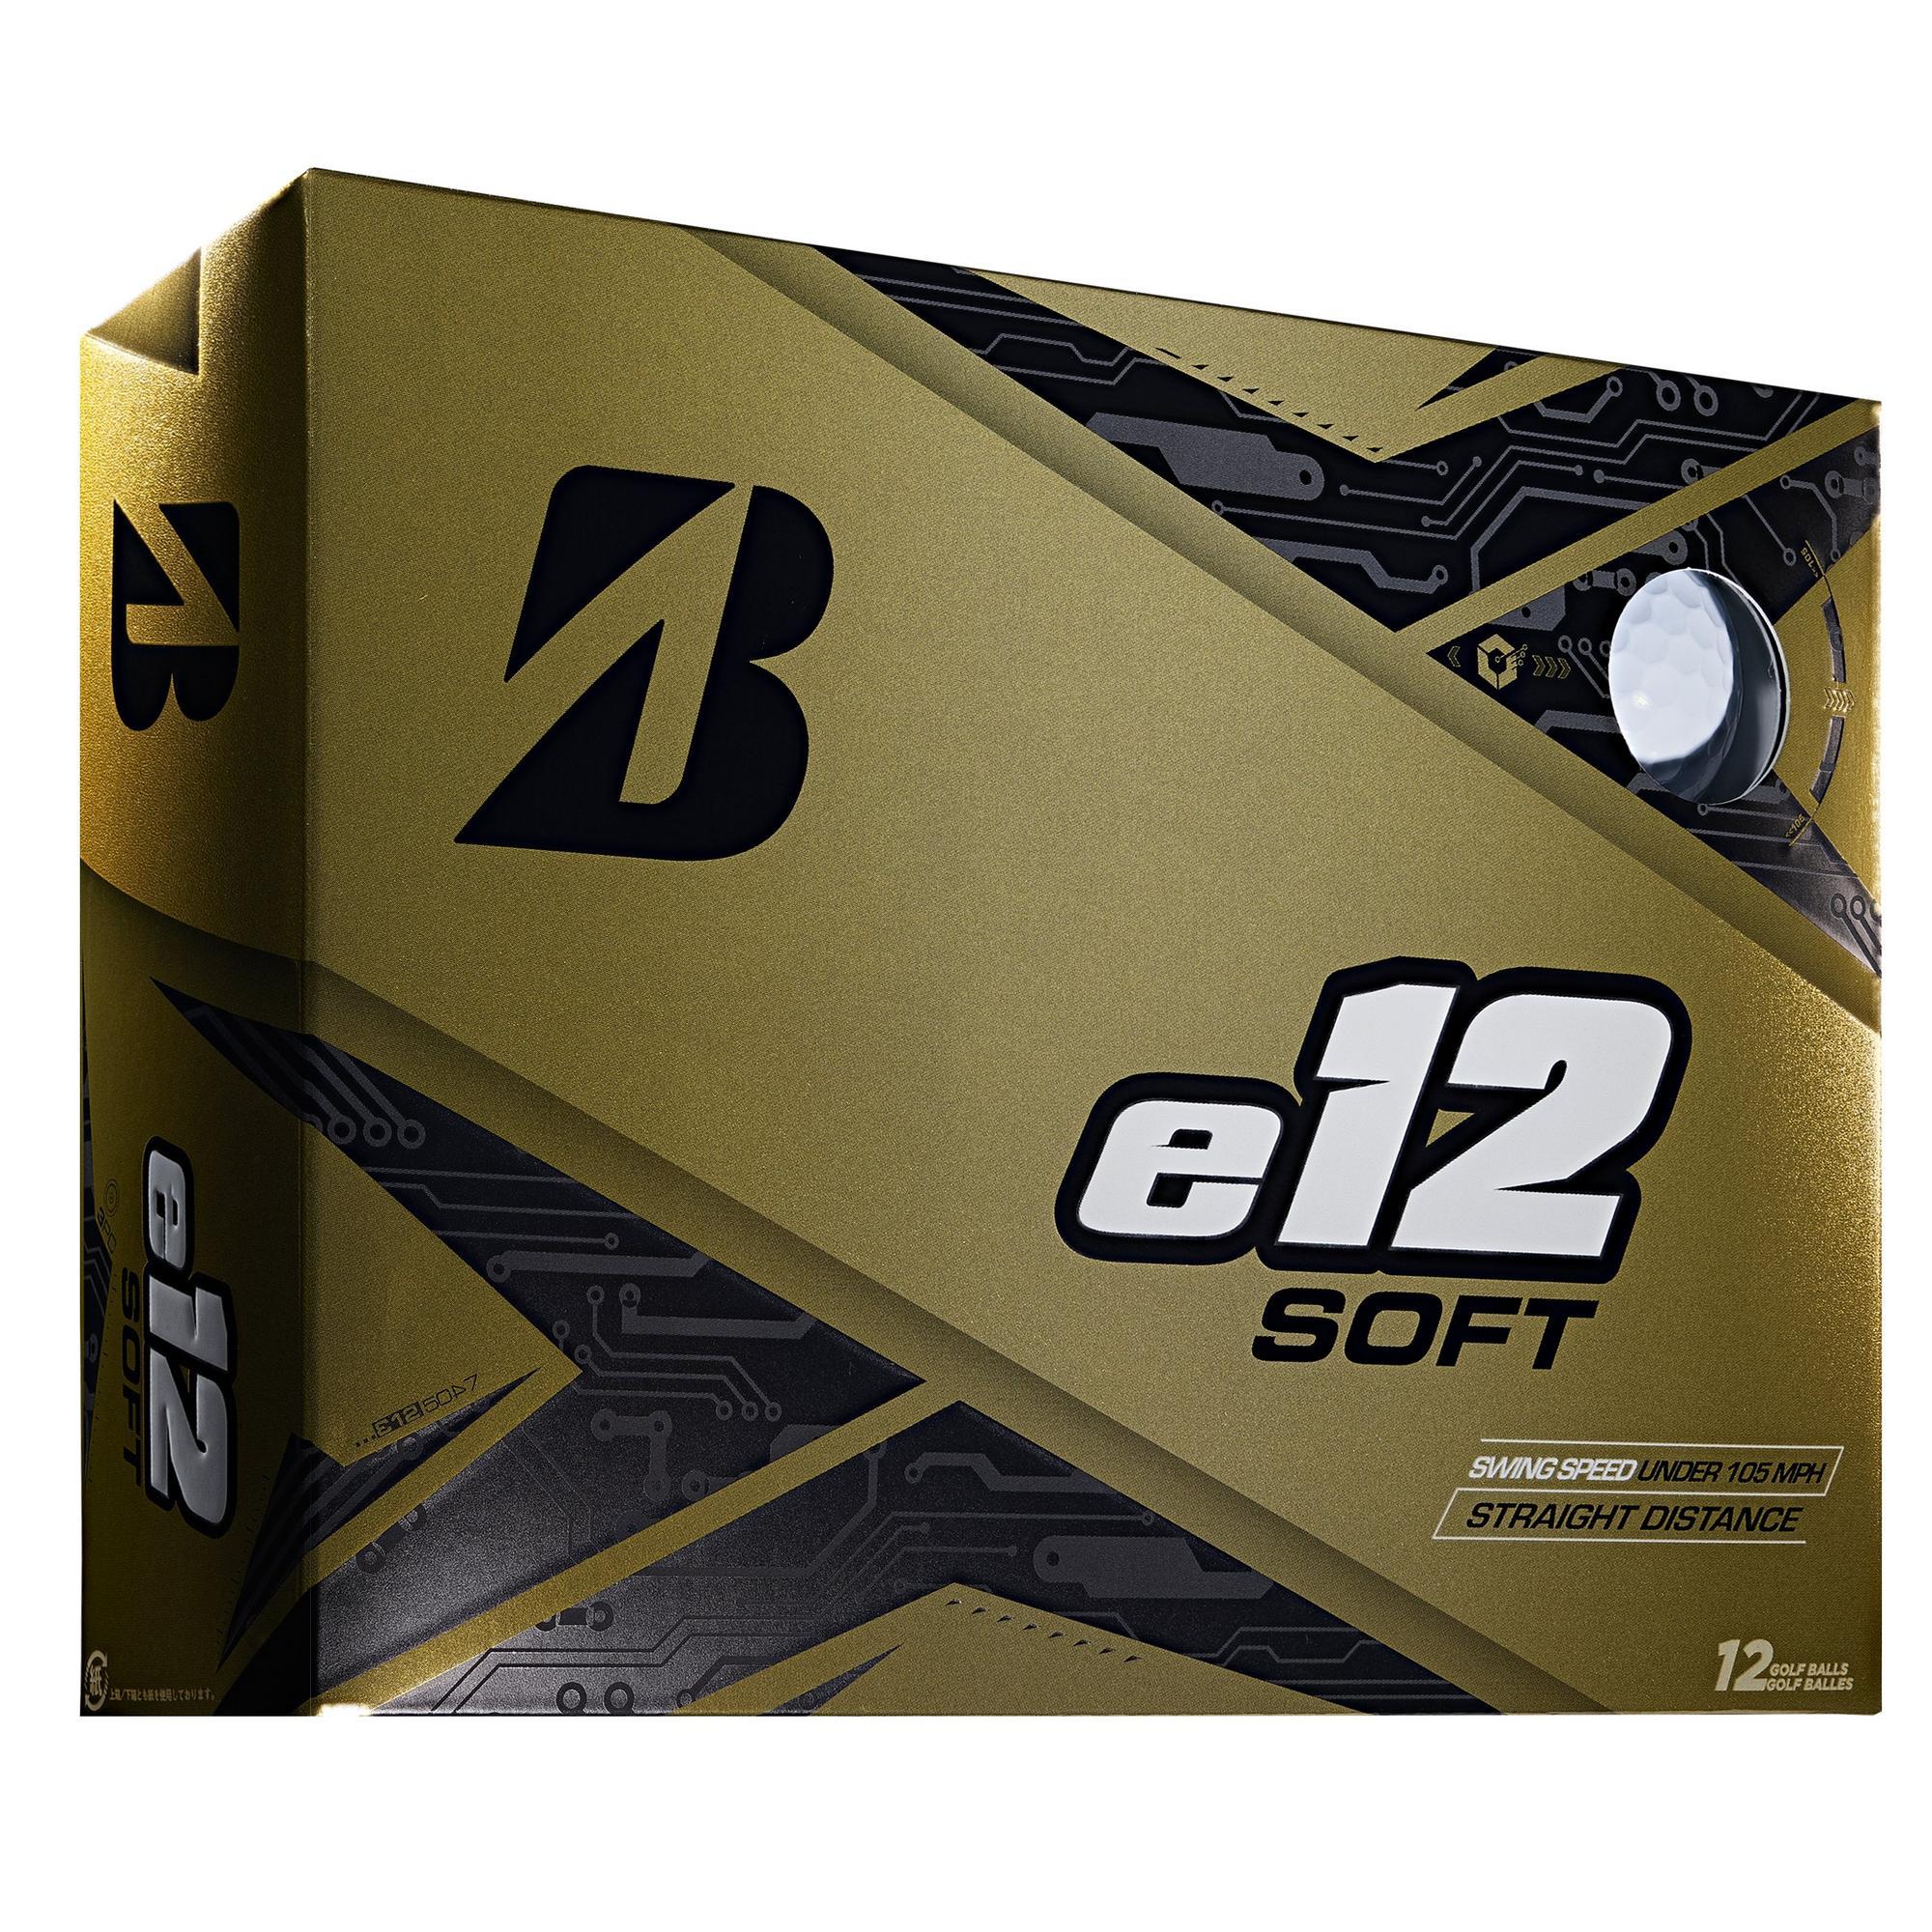 e12 Soft Golf Balls - White